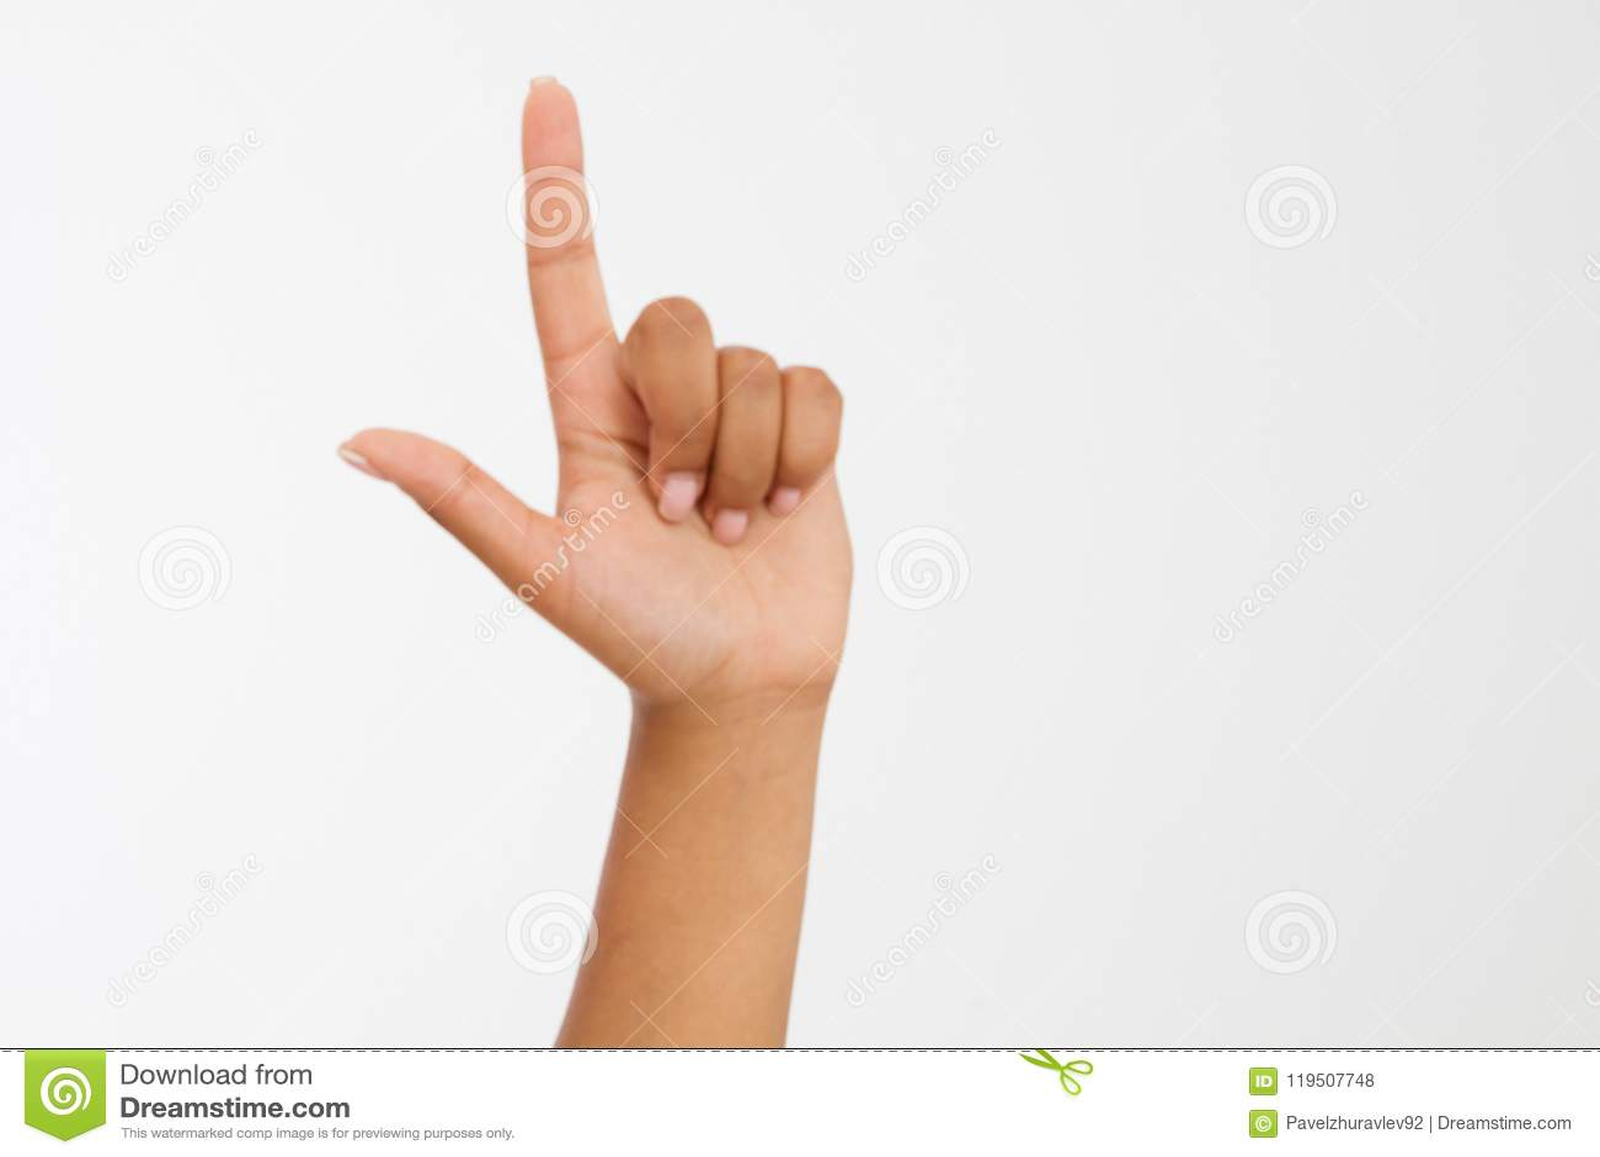 Fingerpunkt-Weißhintergrund afroe-amerikanisch Hand Spott oben Kopieren Sie Platz schablone leerzeichen